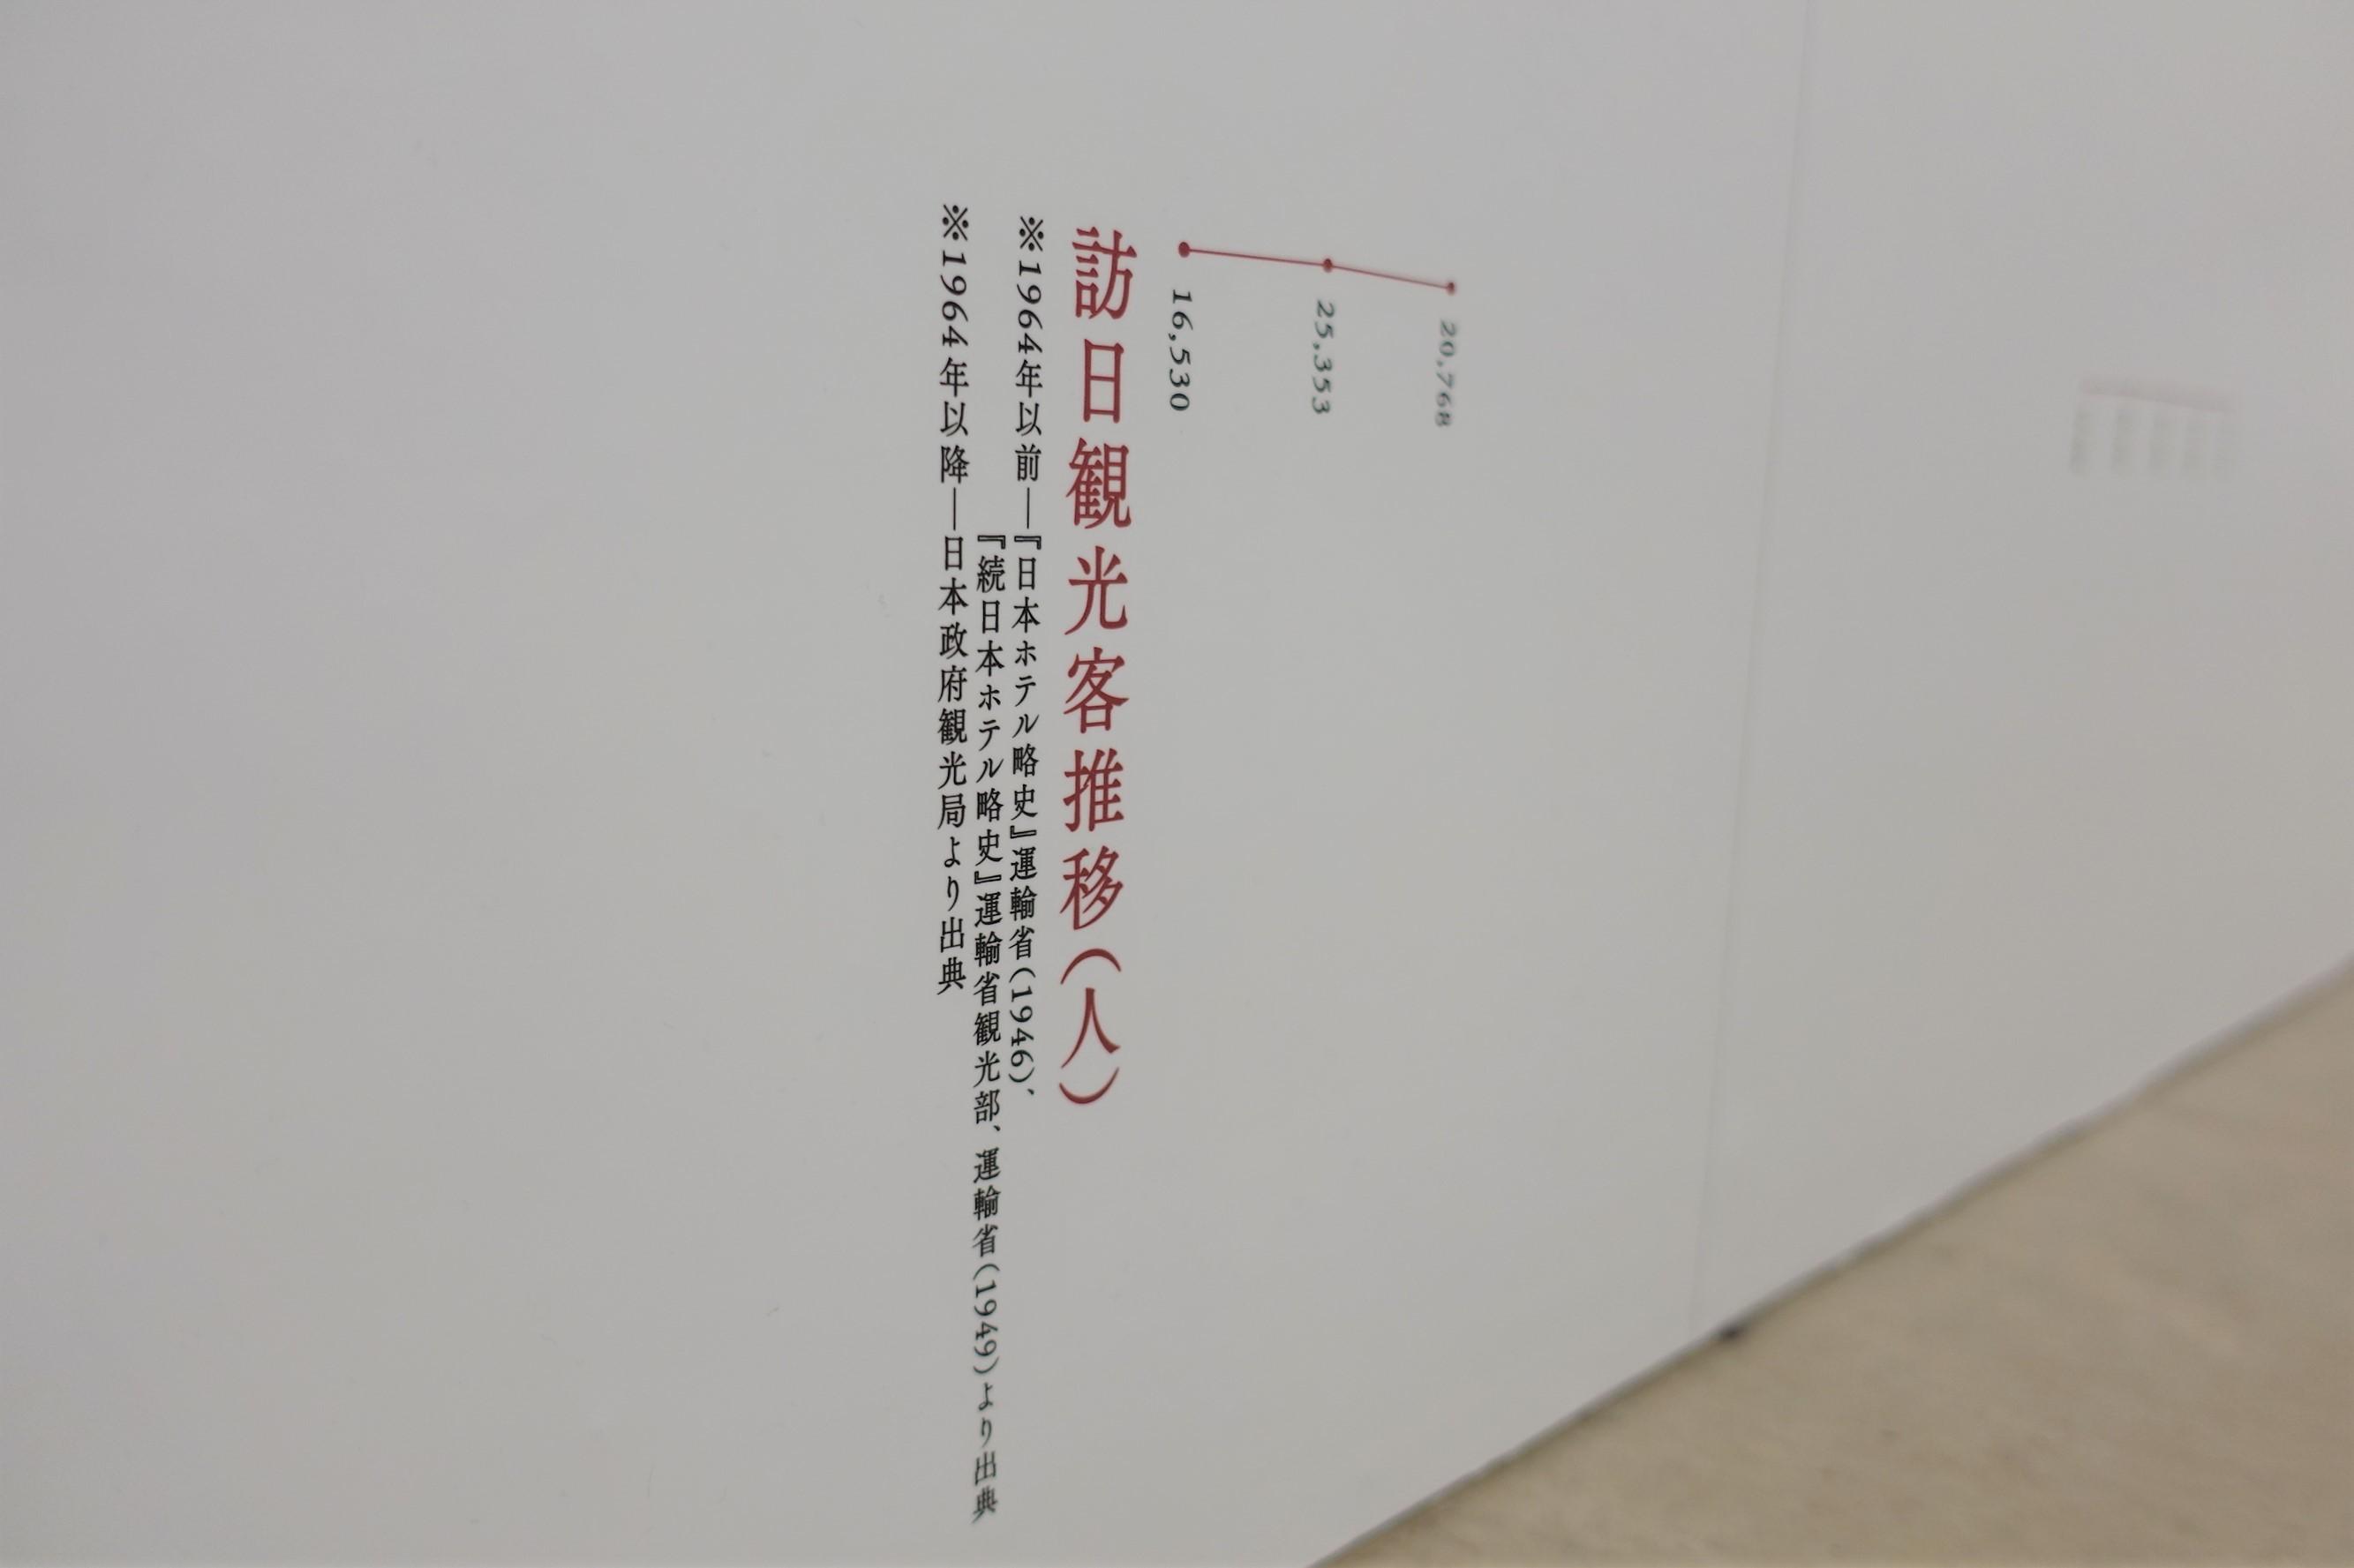 建築倉庫ミュージアム「クラシックホテル展」内覧会に参加してきました_b0053082_18342775.jpg